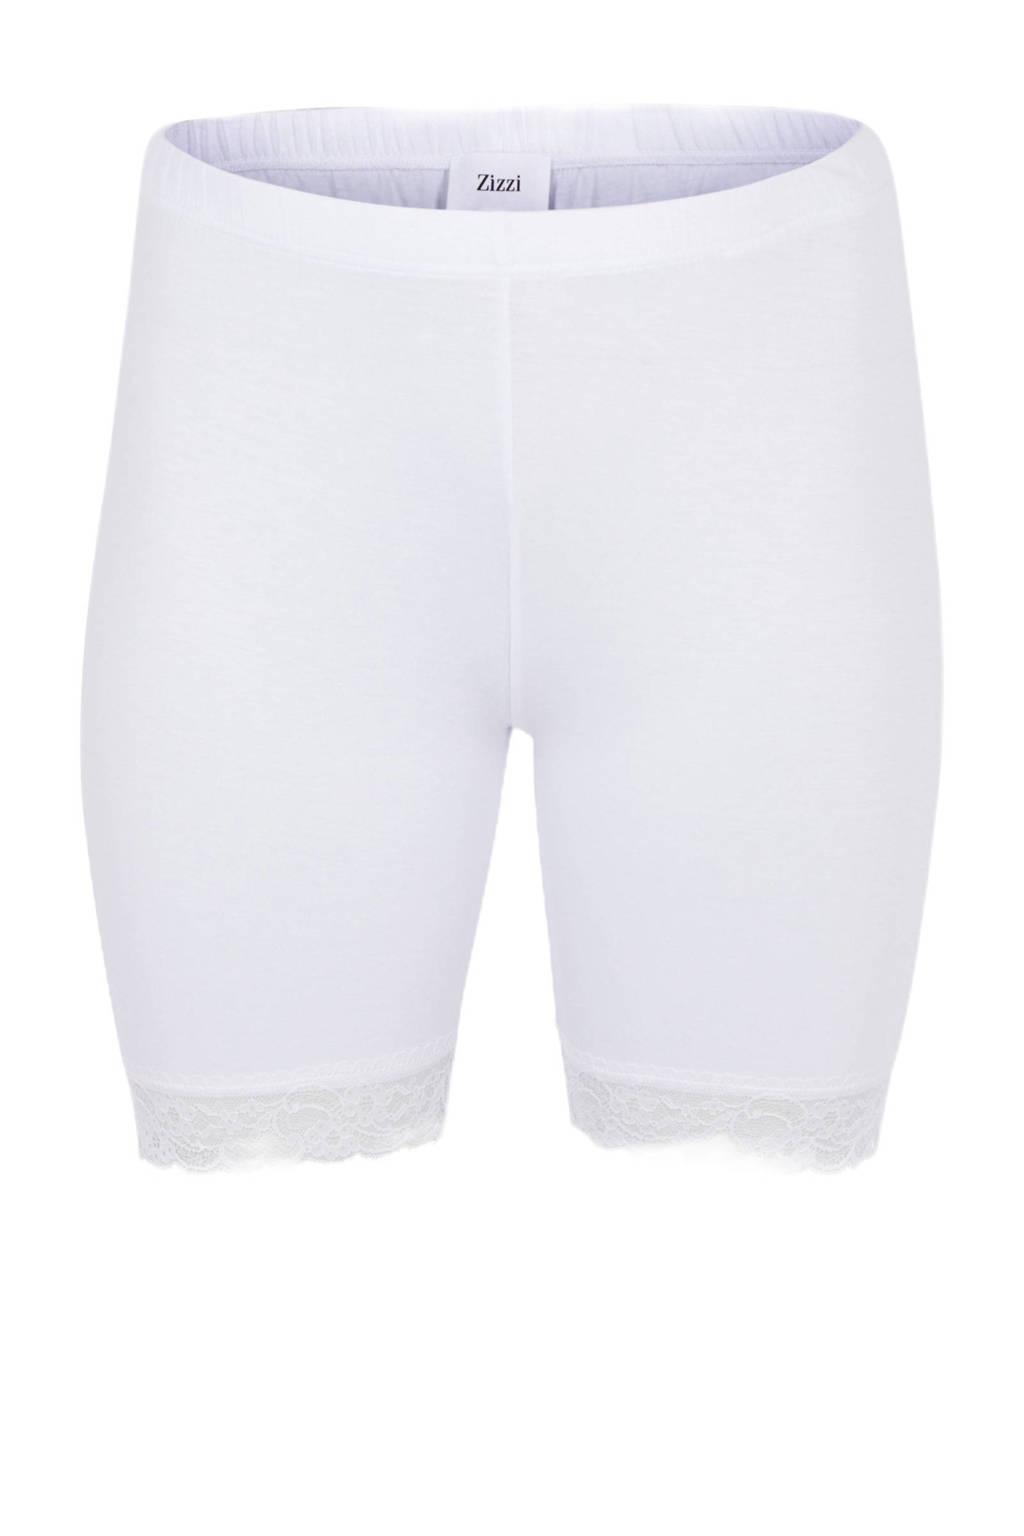 Zizzi korte legging met kanten details, Wit